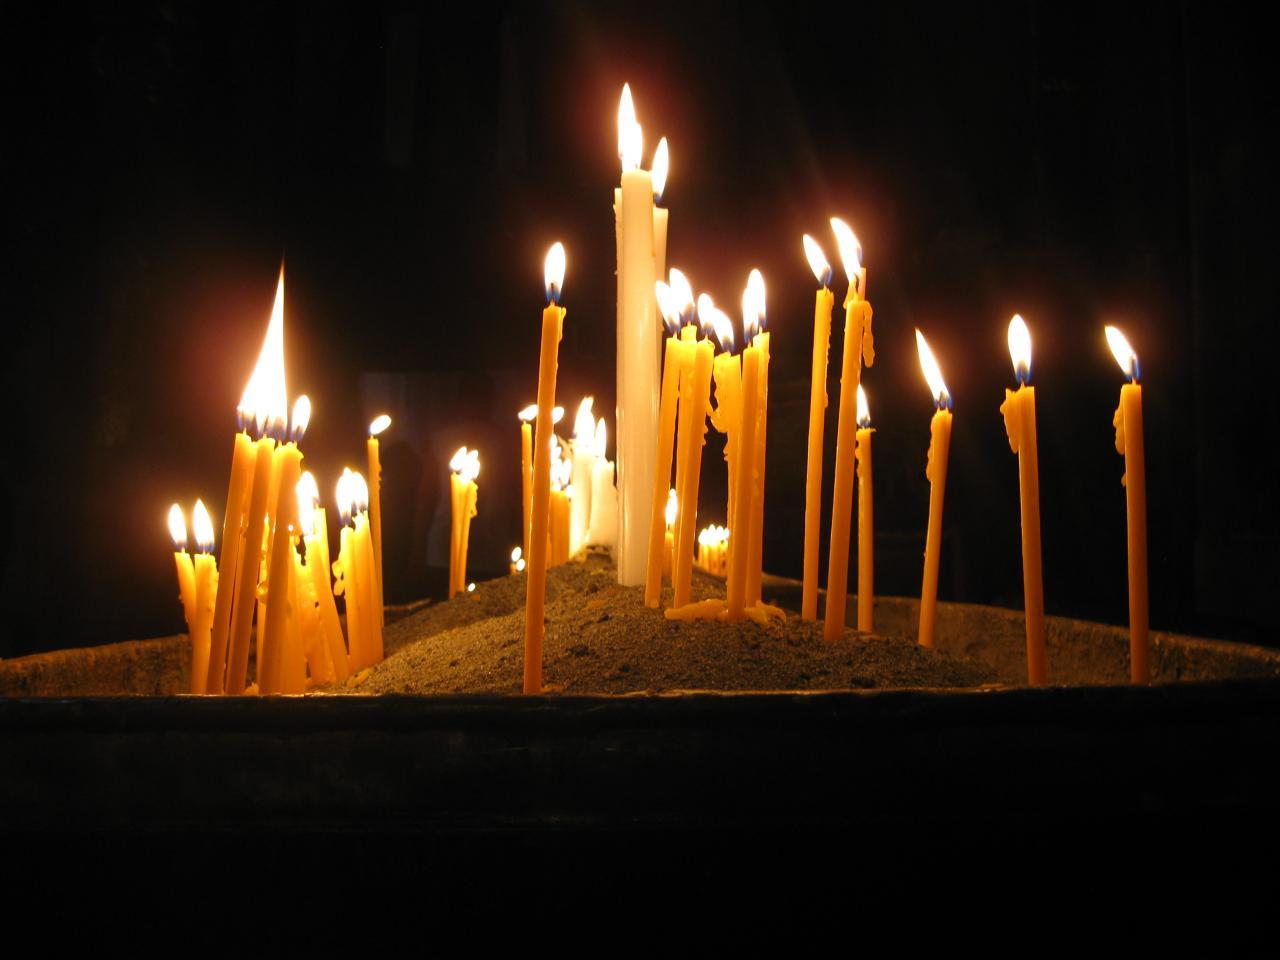 Свеча — Википедия